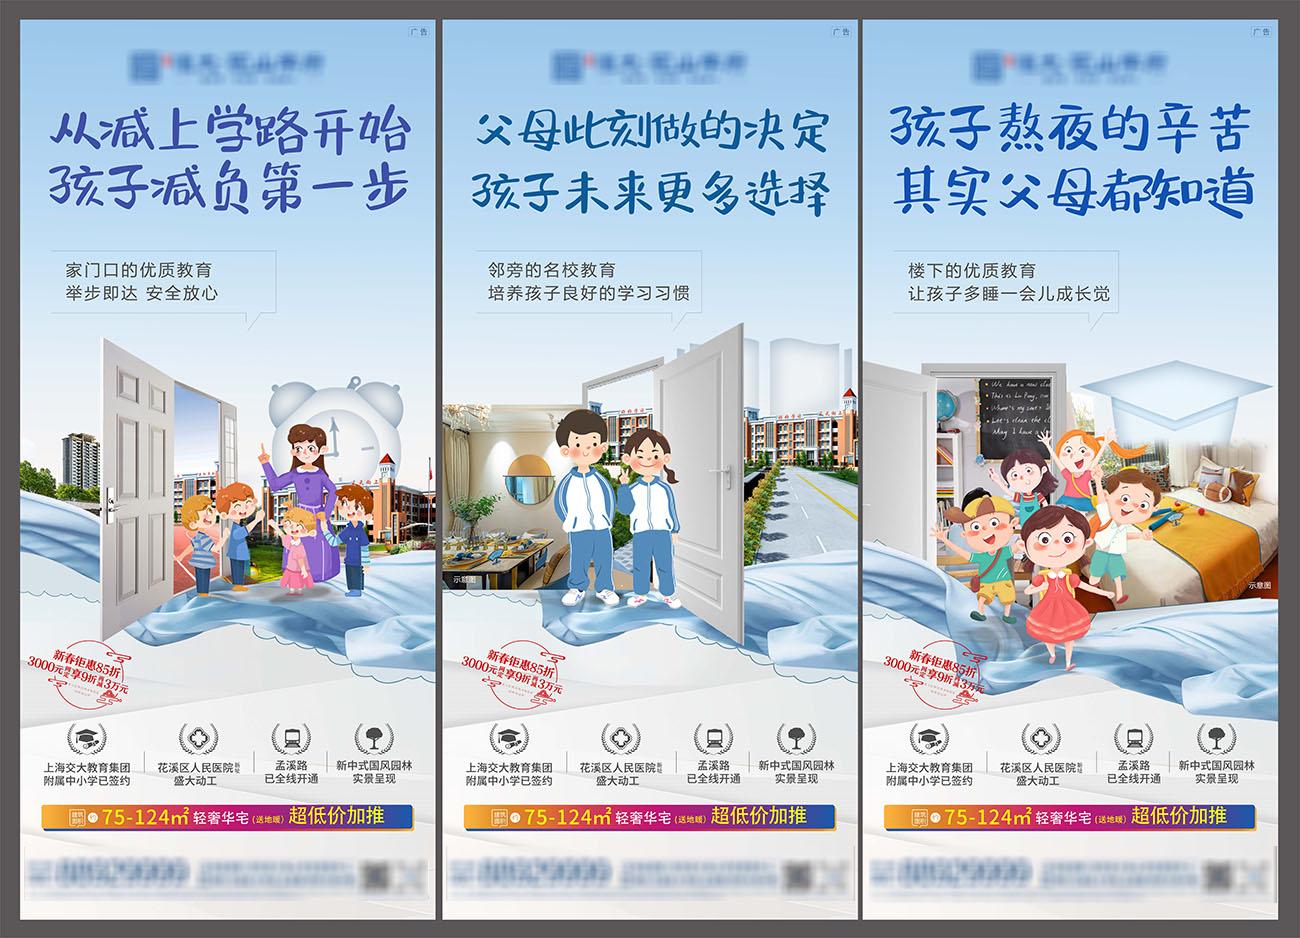 中式地产学校学区价值点卡通插画刷屏海报AI+PSD源文件插图